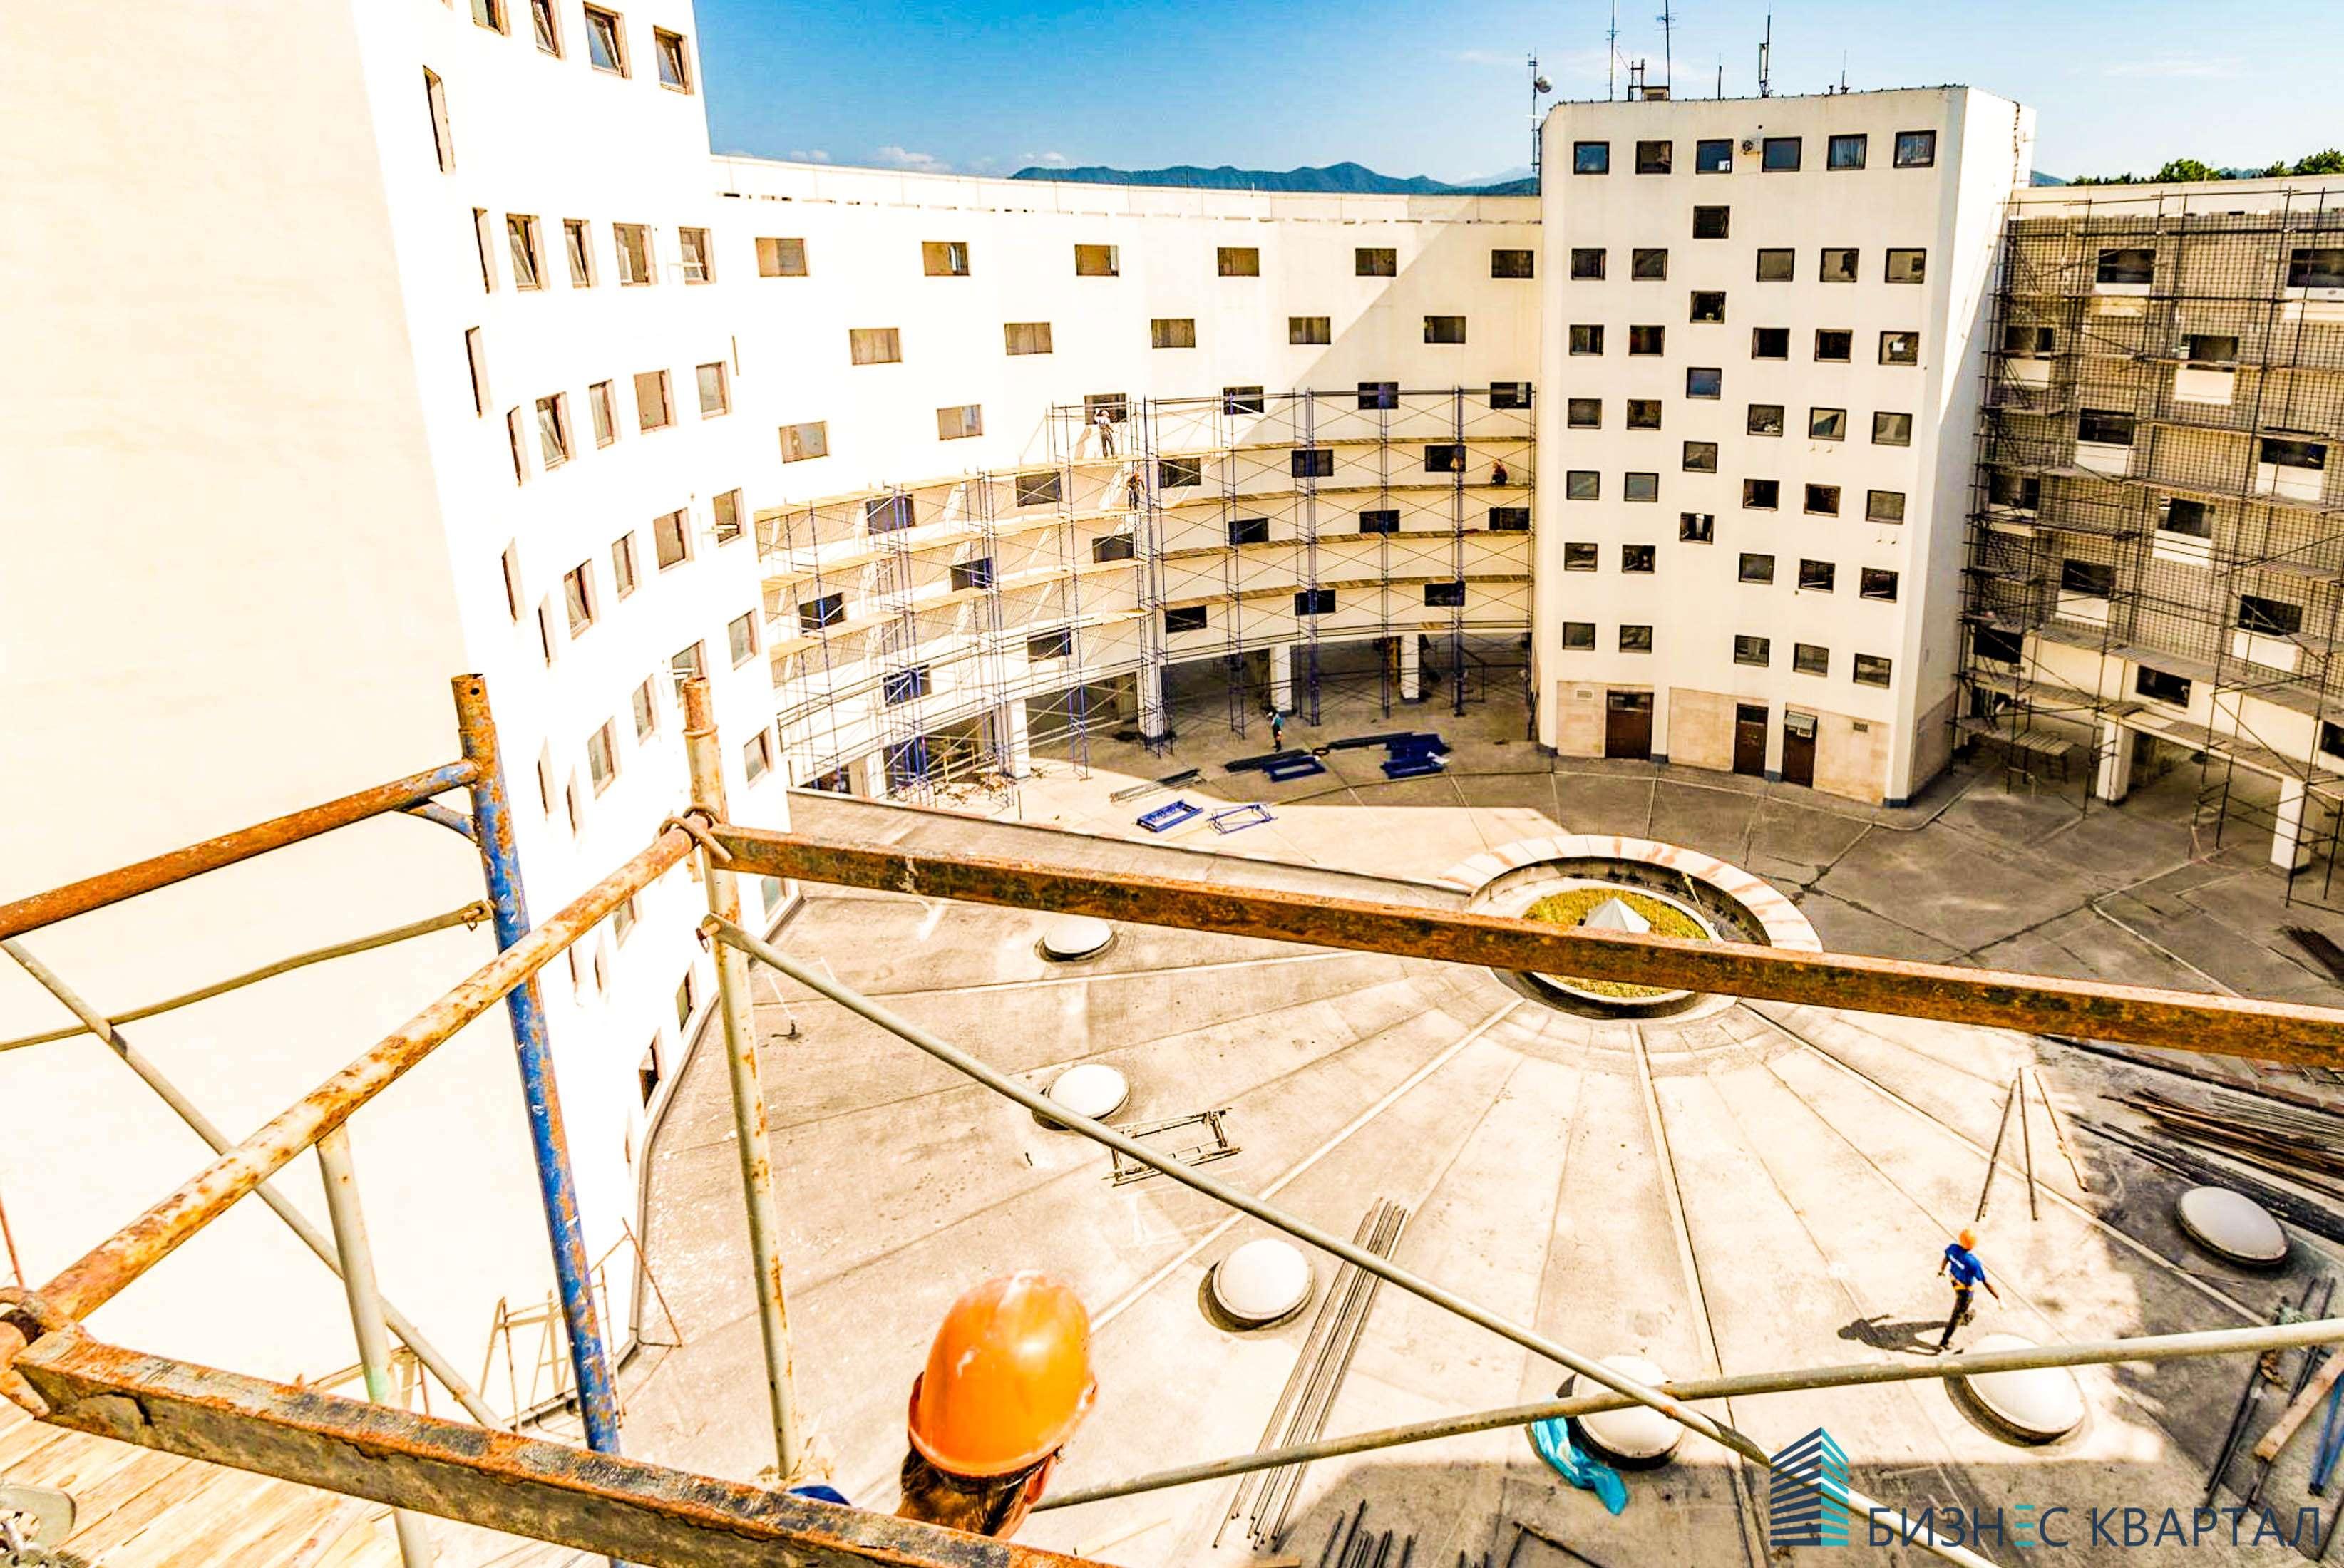 Двухкомнатные апартаменты с ремонтом и мебелью в Сочи - image gotovye-apartamenty-v-sochi-6 on https://bizneskvartal.ru